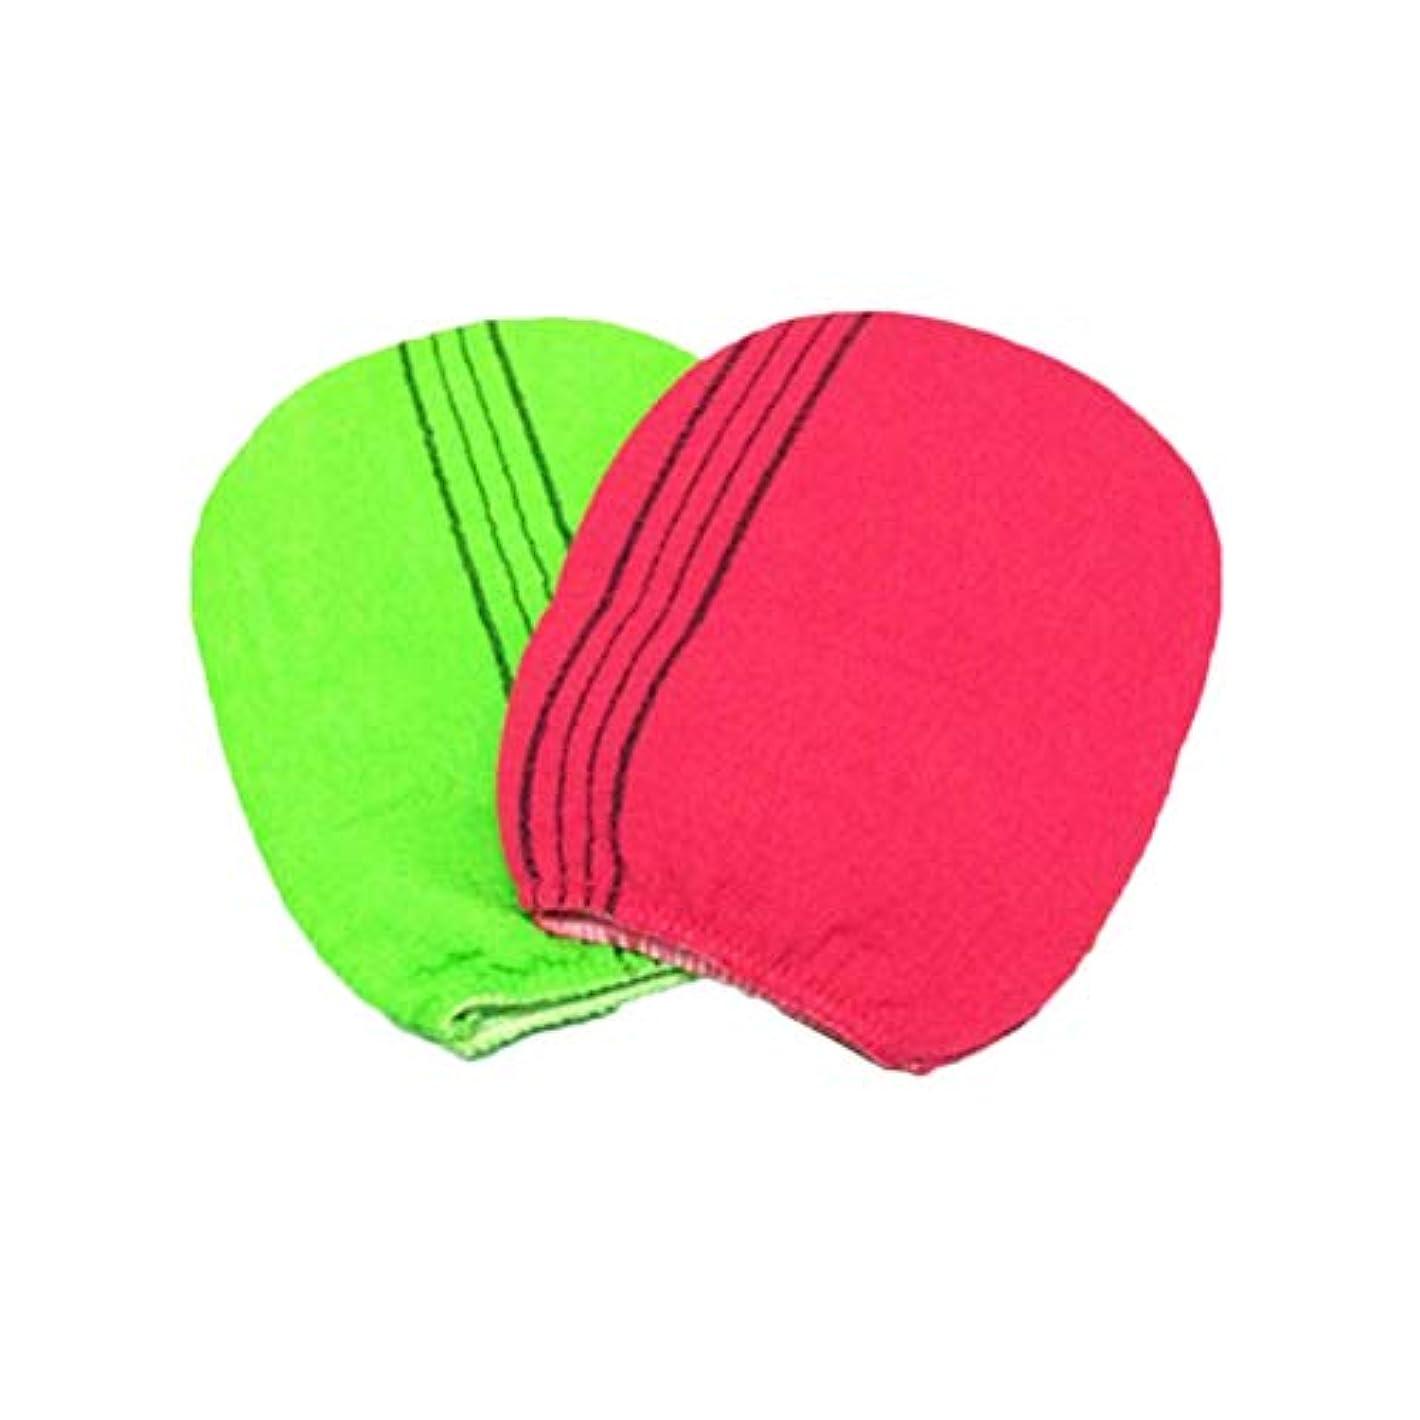 対処するロープ対処するBeaupretty 2ピース入浴手袋風呂ミットラビング手袋剥離手袋シャワーバスタオル(ランダムカラー)